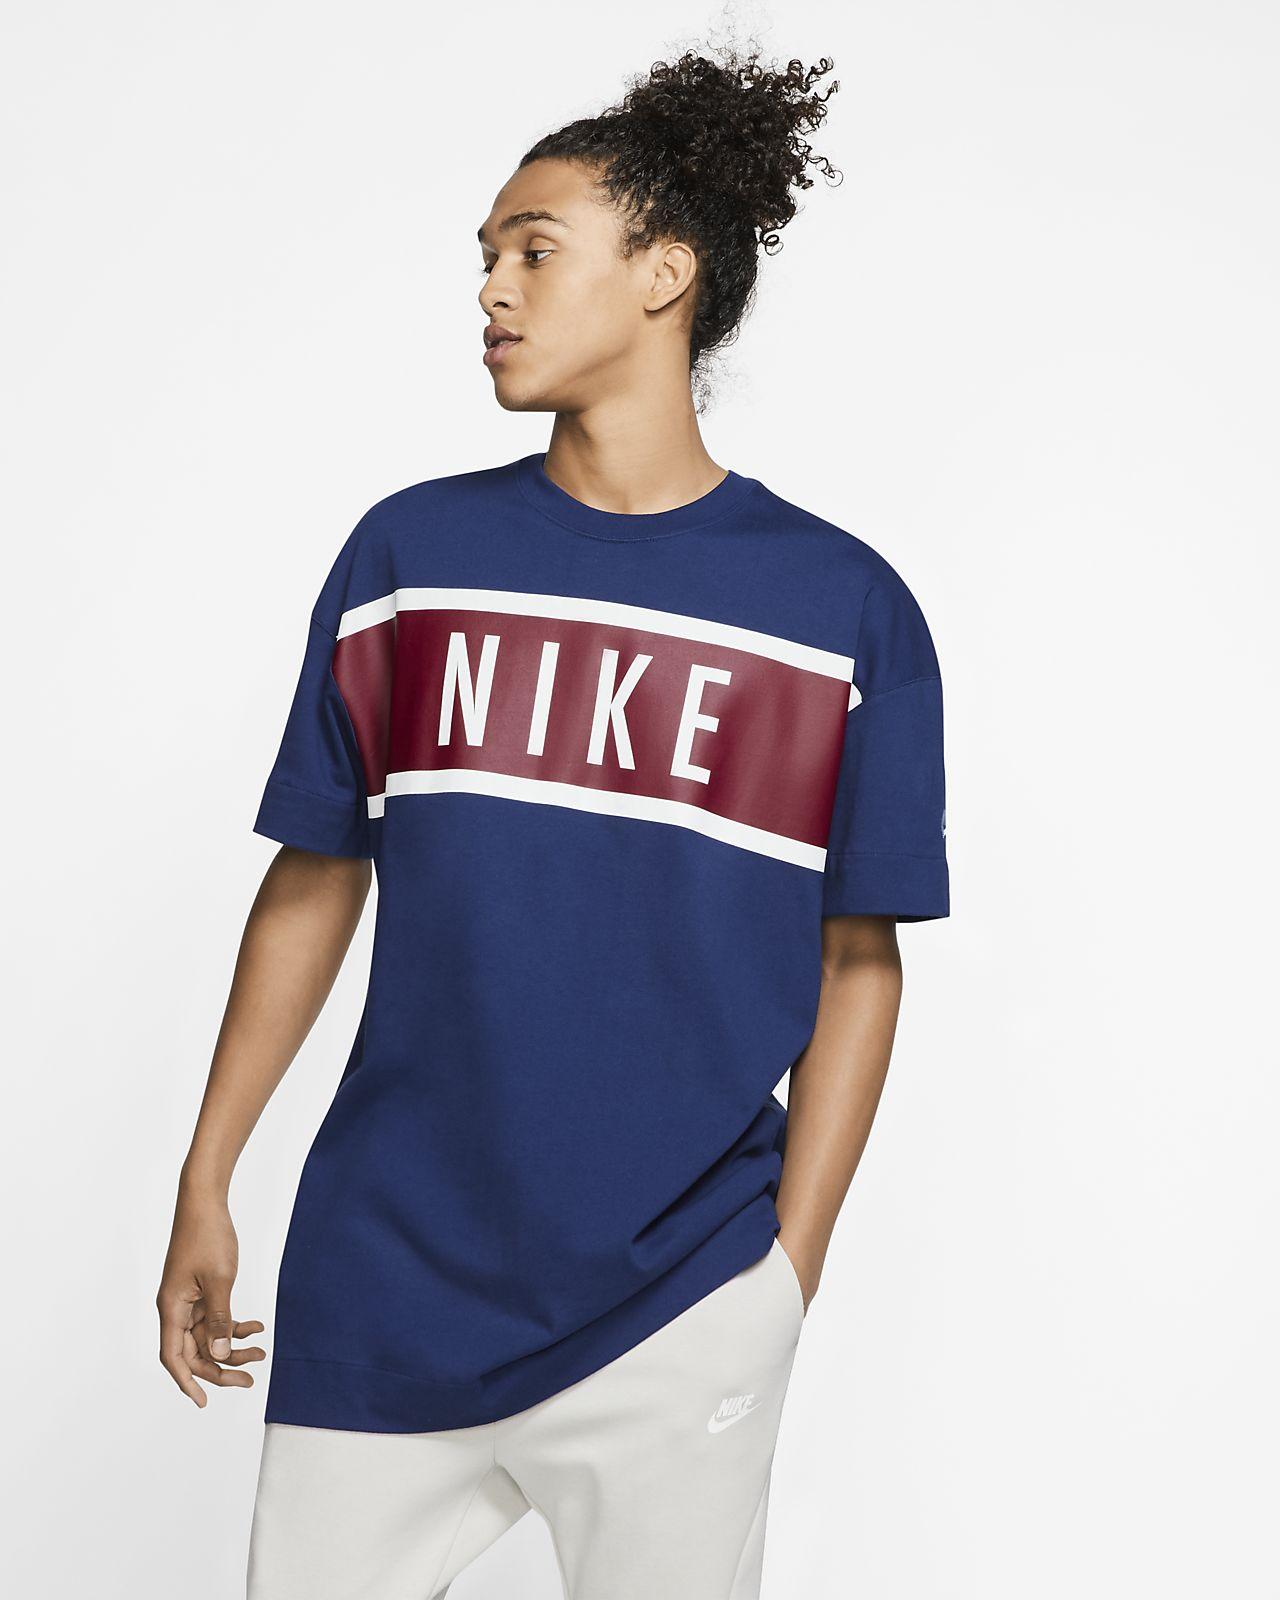 ナイキ メンズ オーバーサイズド Tシャツ